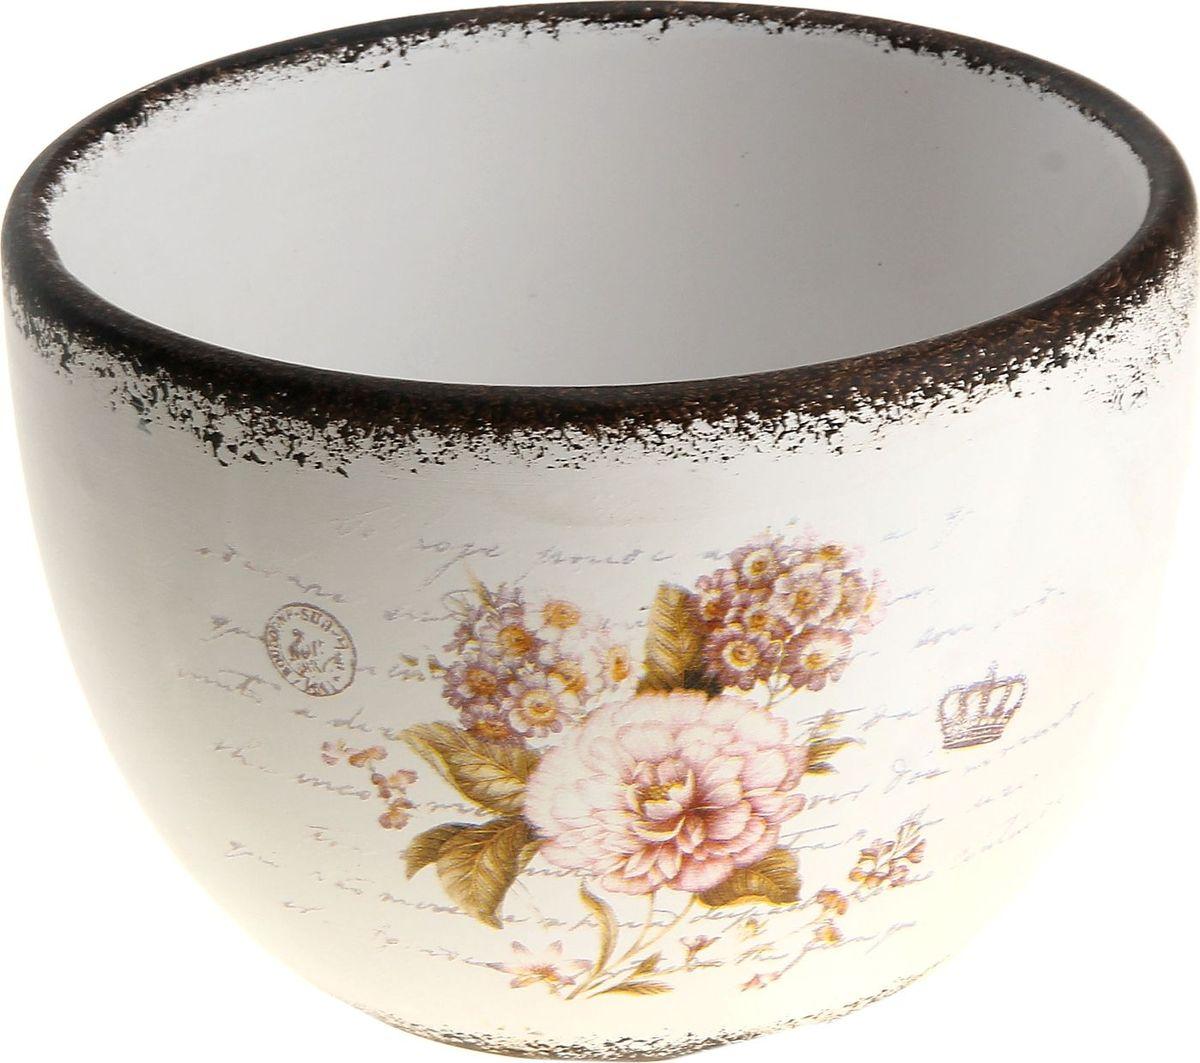 Кашпо Букет, цвет: белый, 8 х 15 х 11 см829708Комнатные растения — всеобщие любимцы. Они радуют глаз, насыщают помещение кислородом и украшают пространство. Каждому из них необходим свой удобный и красивый дом. Кашпо из керамики прекрасно подходят для высадки растений: за счёт пластичности глины и разных способов обработки существует великое множество форм и дизайновпористый материал позволяет испаряться лишней влагевоздух, необходимый для дыхания корней, проникает сквозь керамические стенки! #name# позаботится о зелёном питомце, освежит интерьер и подчеркнёт его стиль.